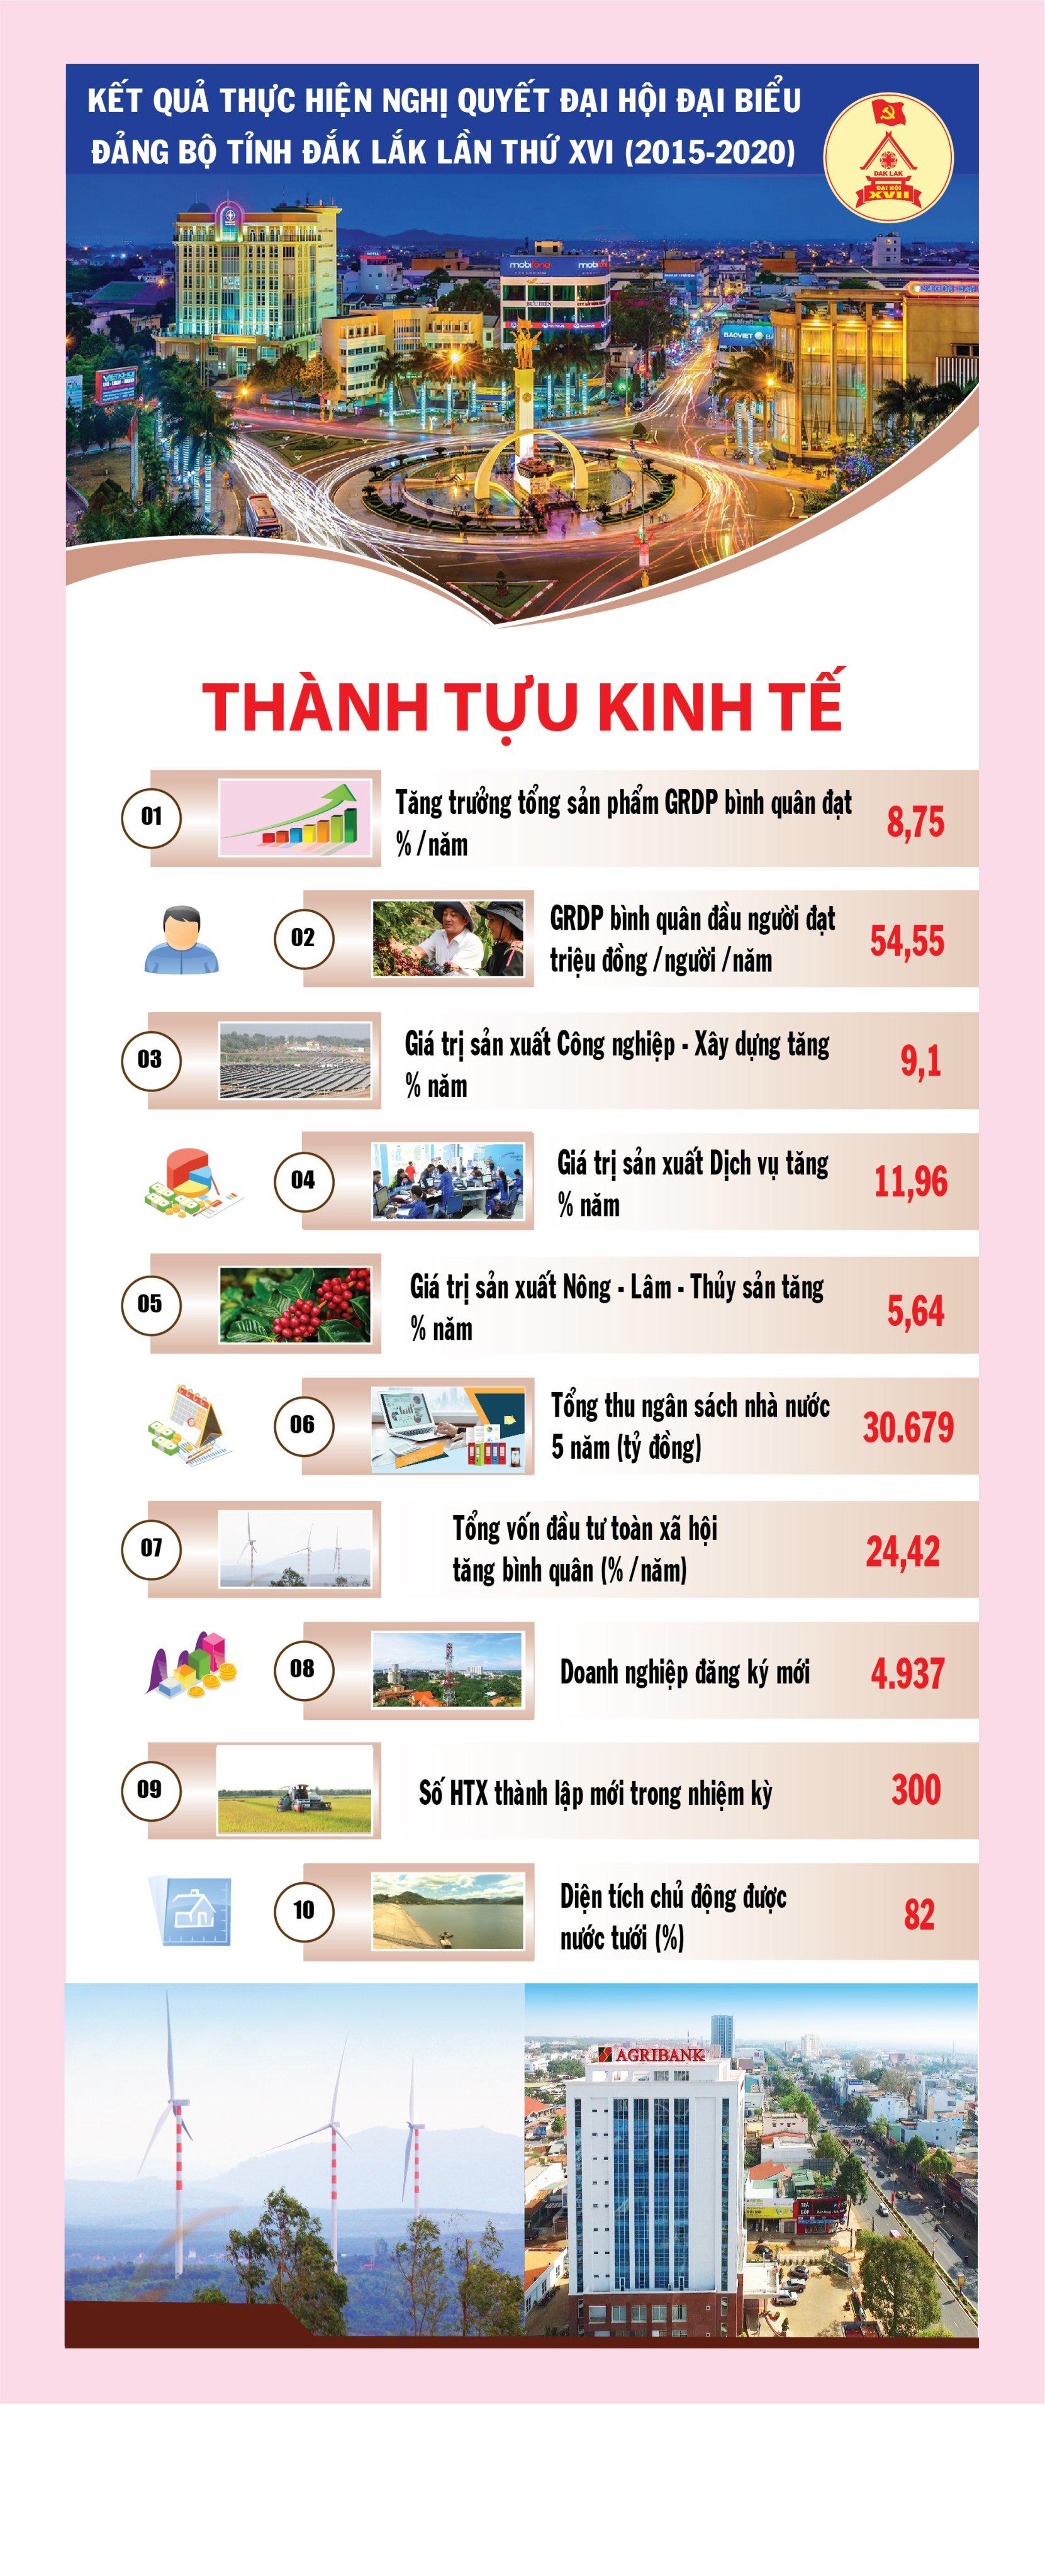 Kết quả thực hiện Nghị quyết Đại hội Đại biểu Đảng bộ tỉnh Đắk Lắk lần thứ XVI (nhiệm kỳ 2015 - 2020)